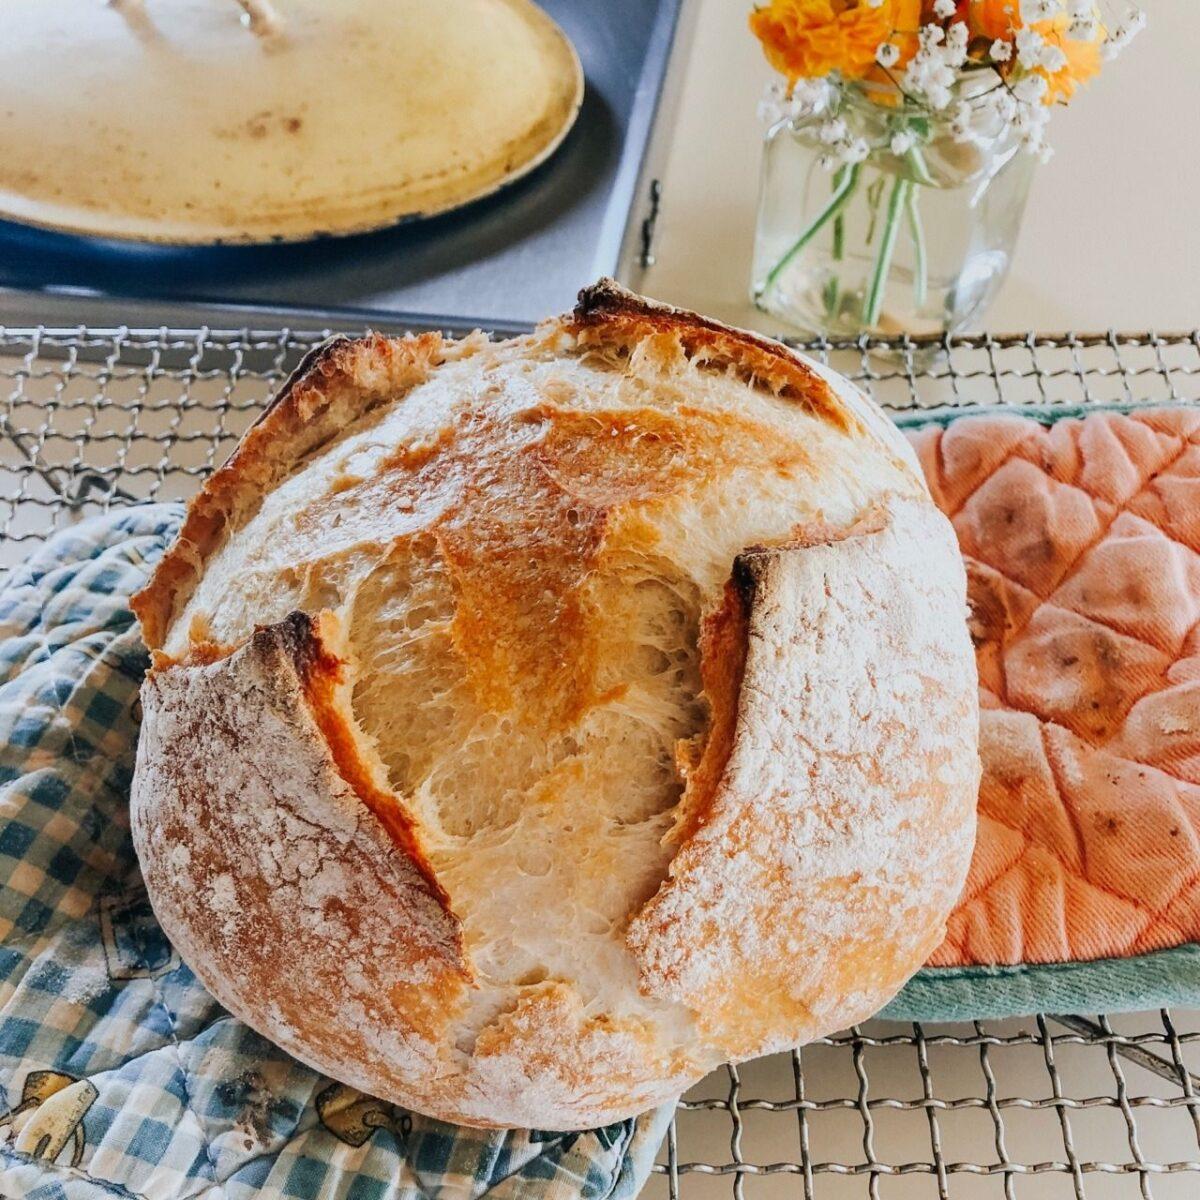 pane-e-fiori-cottagecore